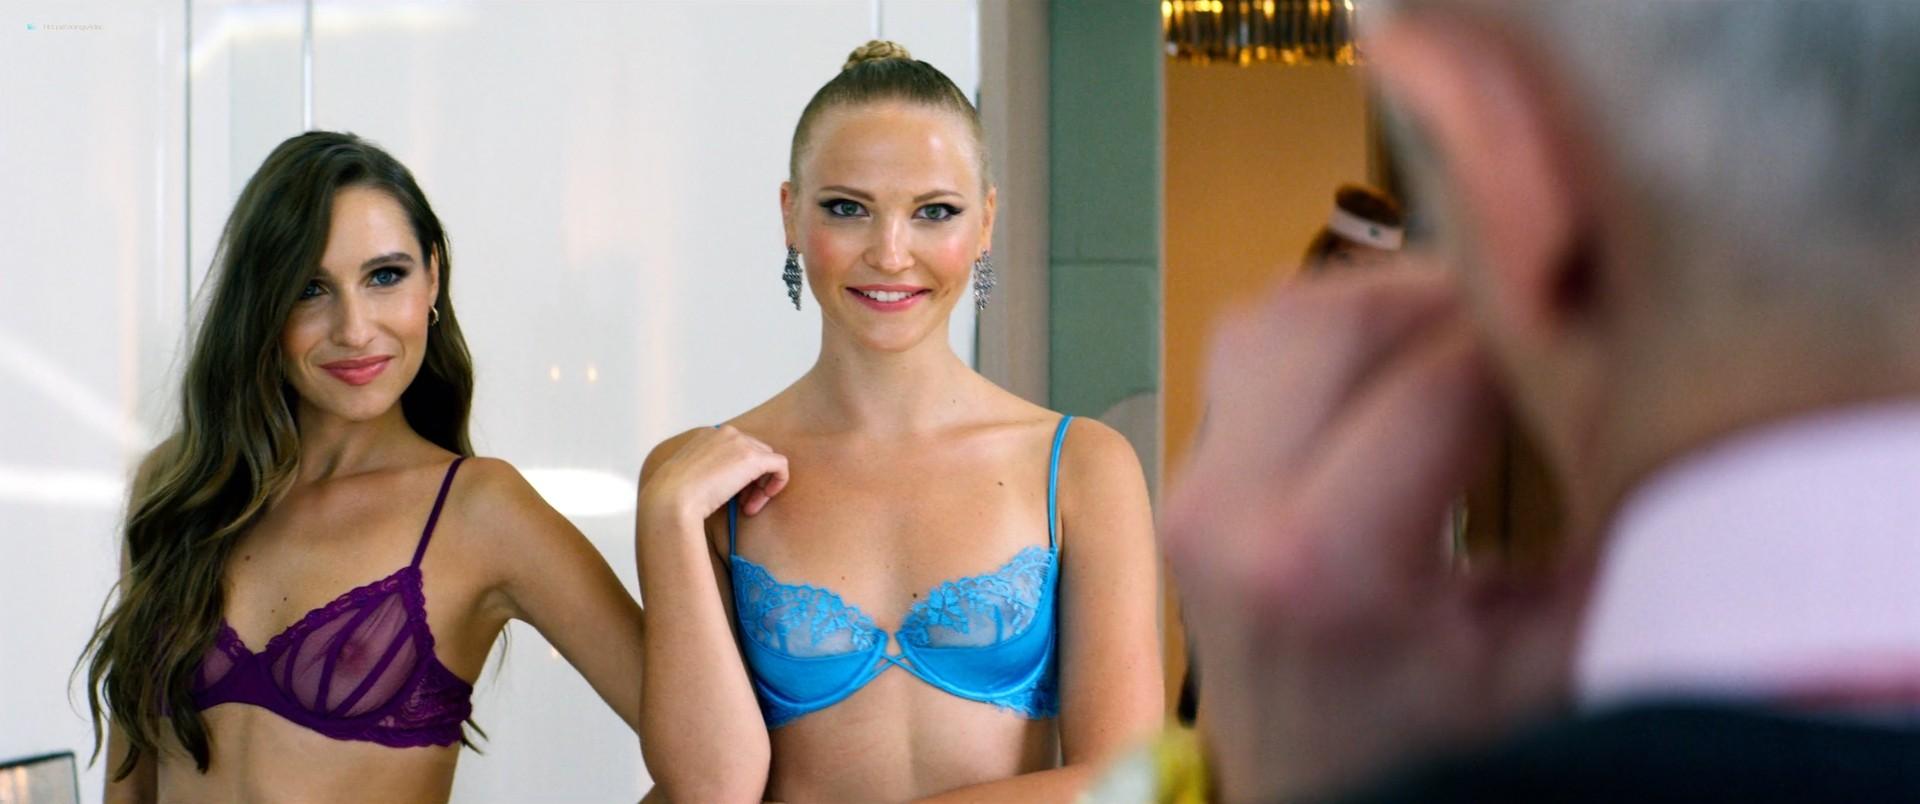 Adria Arjona hot and sex Melanie Laurent hot sex too - 6 Underground (2019) HD 1080p WEB (10)